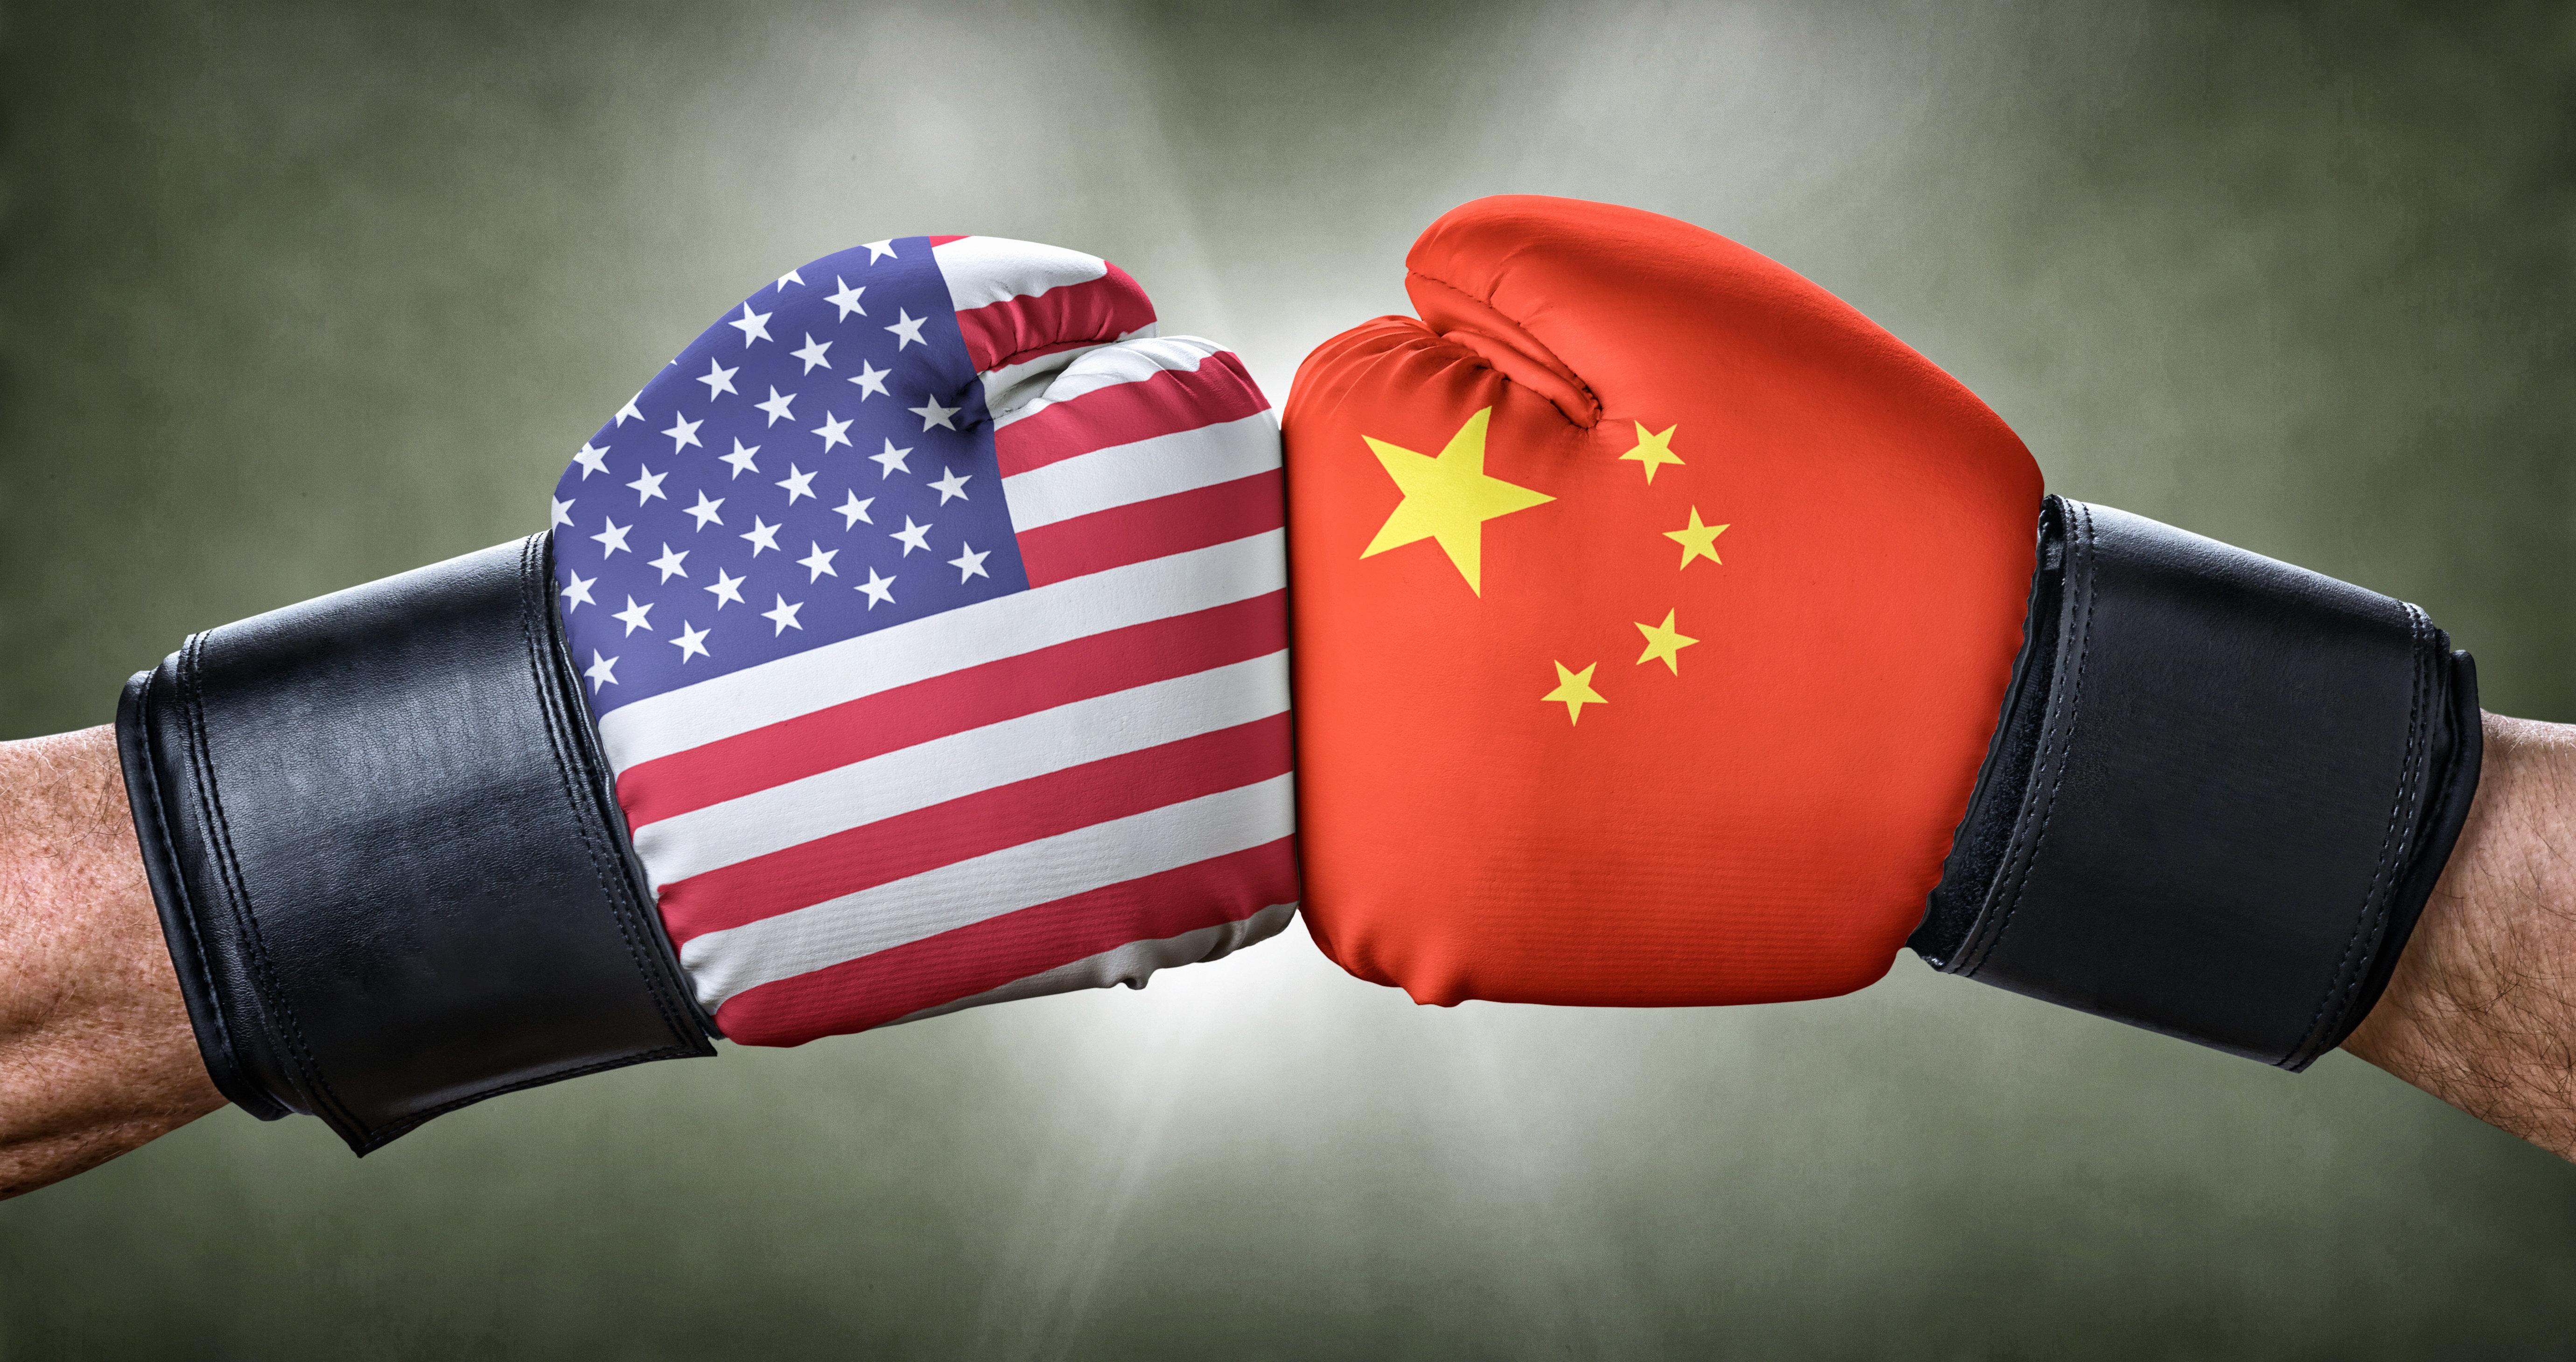 미국과 중국의 무역 전쟁이 전면전으로 치닫고